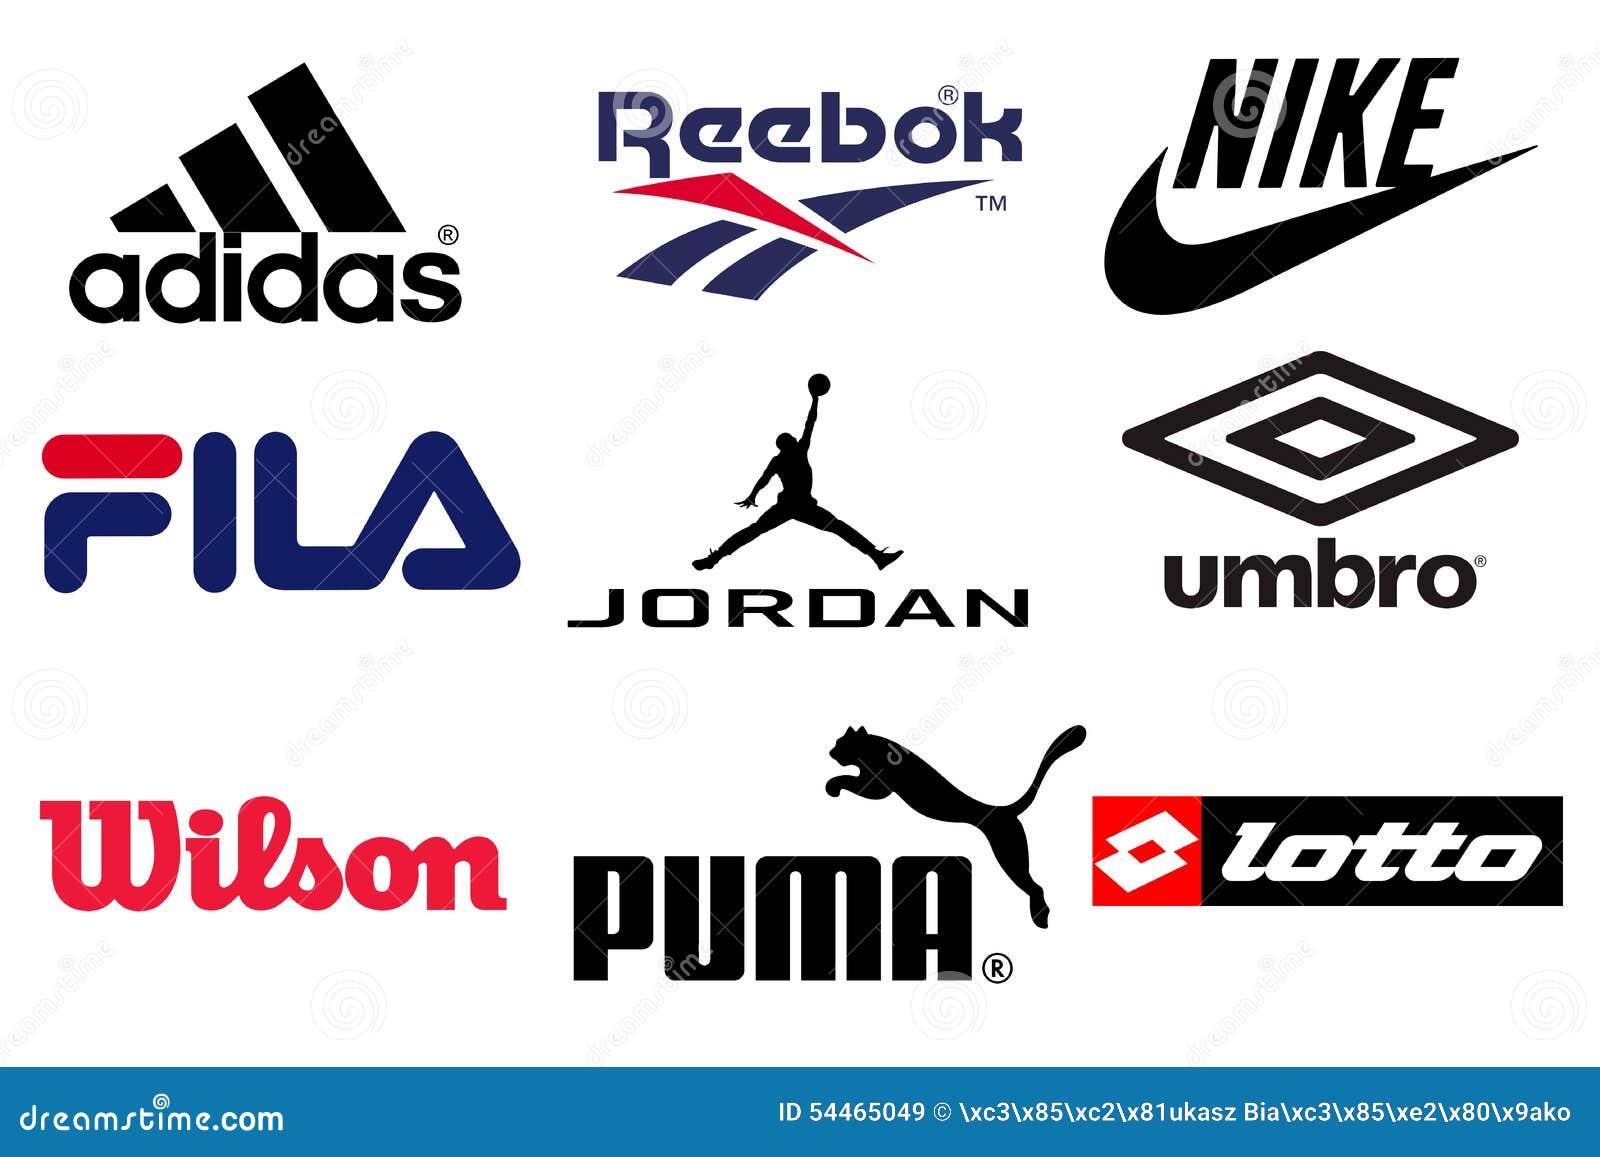 Major Tennis Shoe Brands